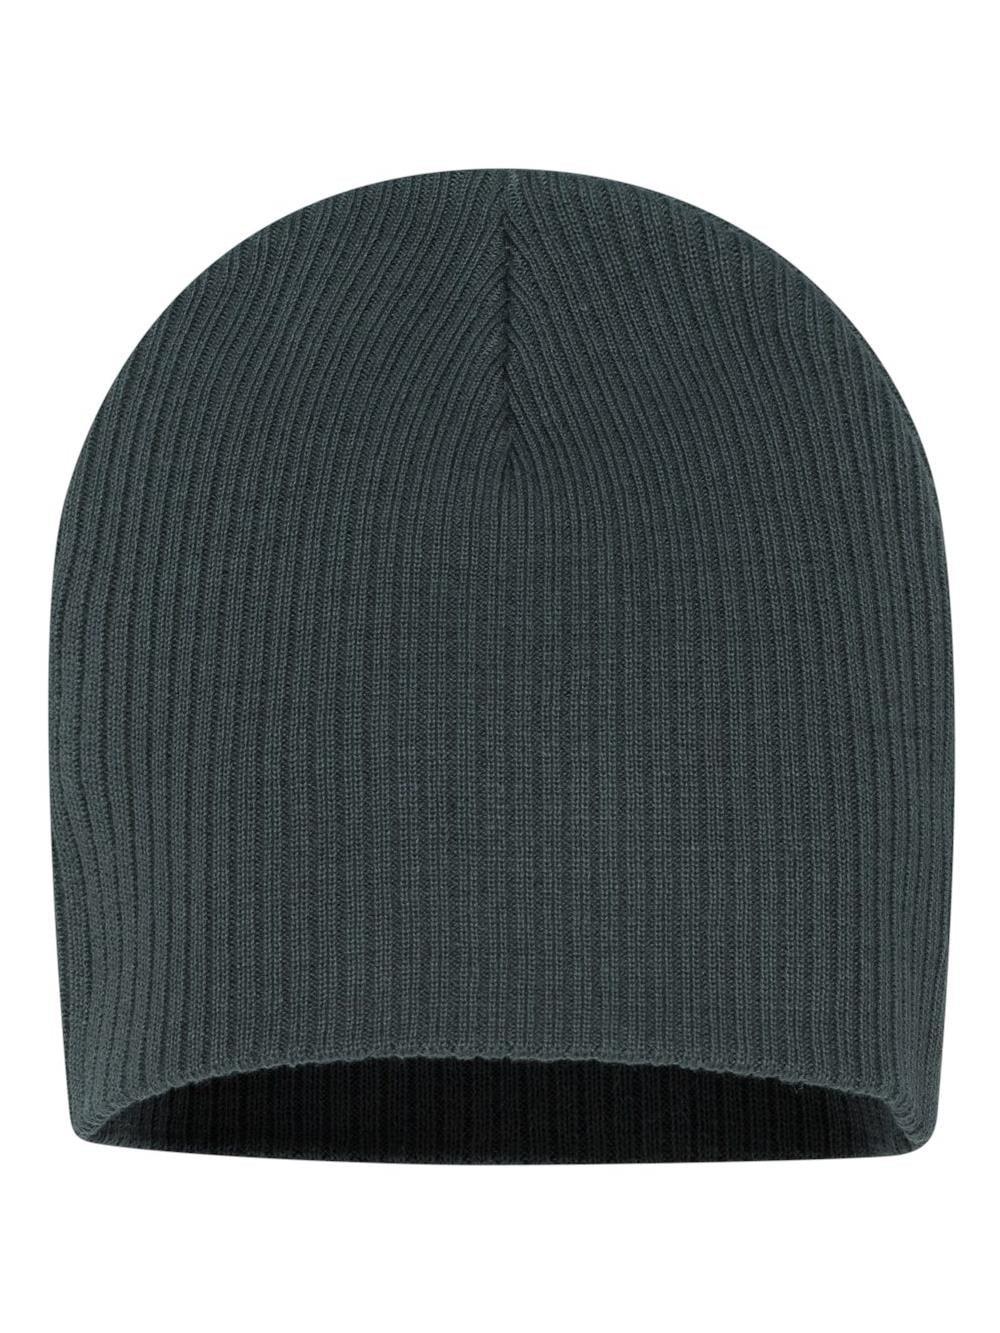 4f43388d752 Sportsman - SP1100 Sportsman Headwear - Winter 8 1 2